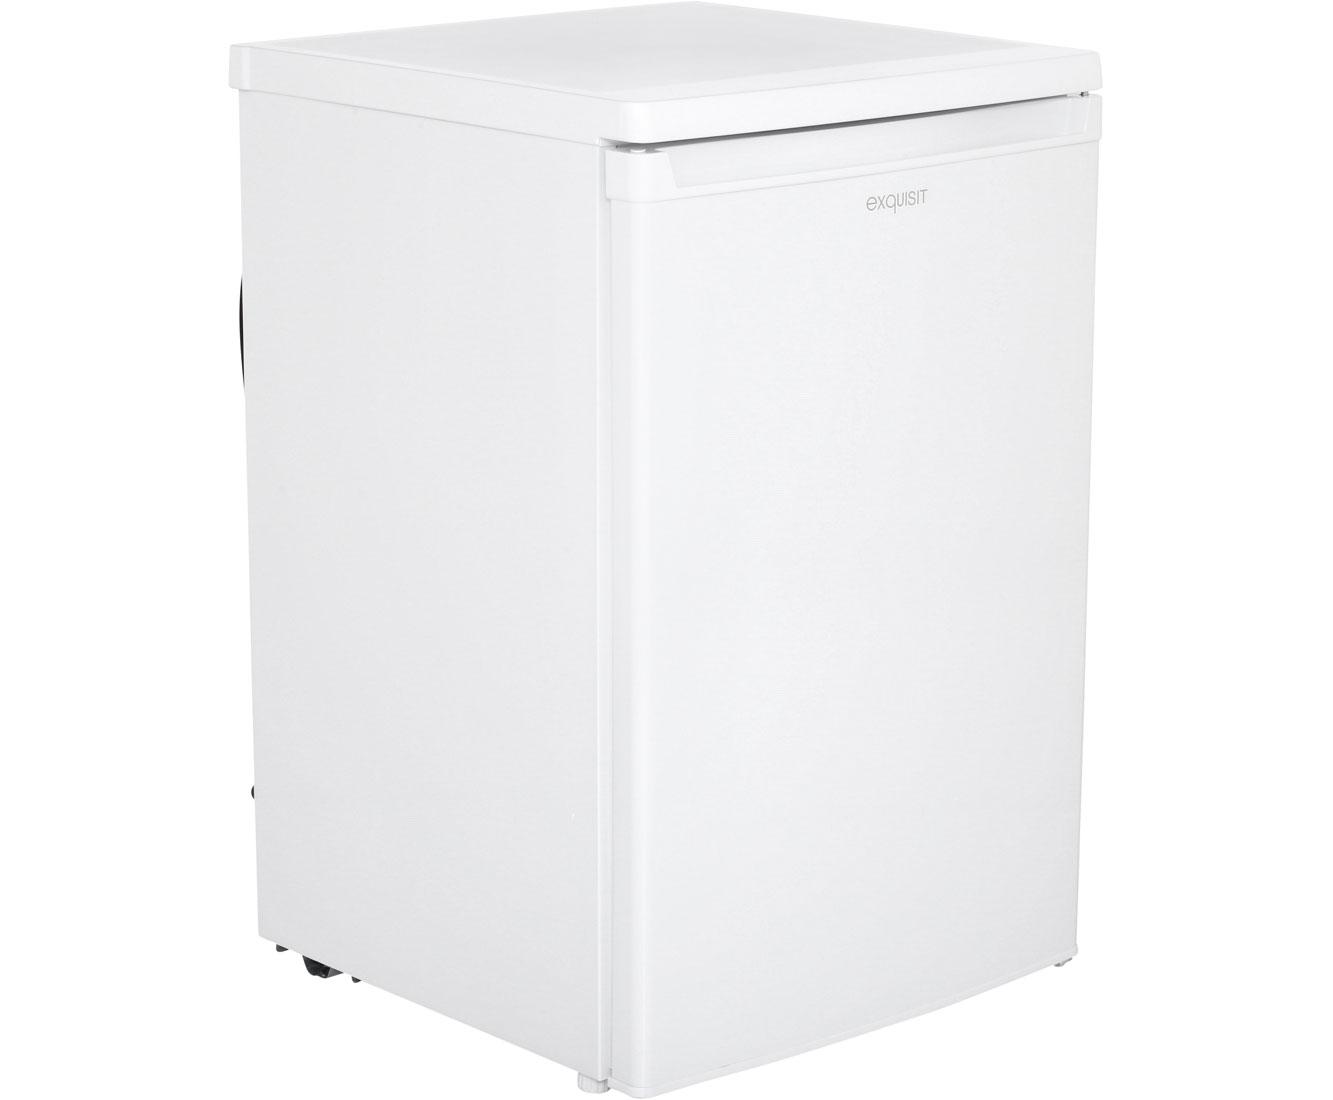 Kleiner Kühlschrank Weiß : Exquisit kk1000z mini küche weiß klemmtrger klemmfix finest